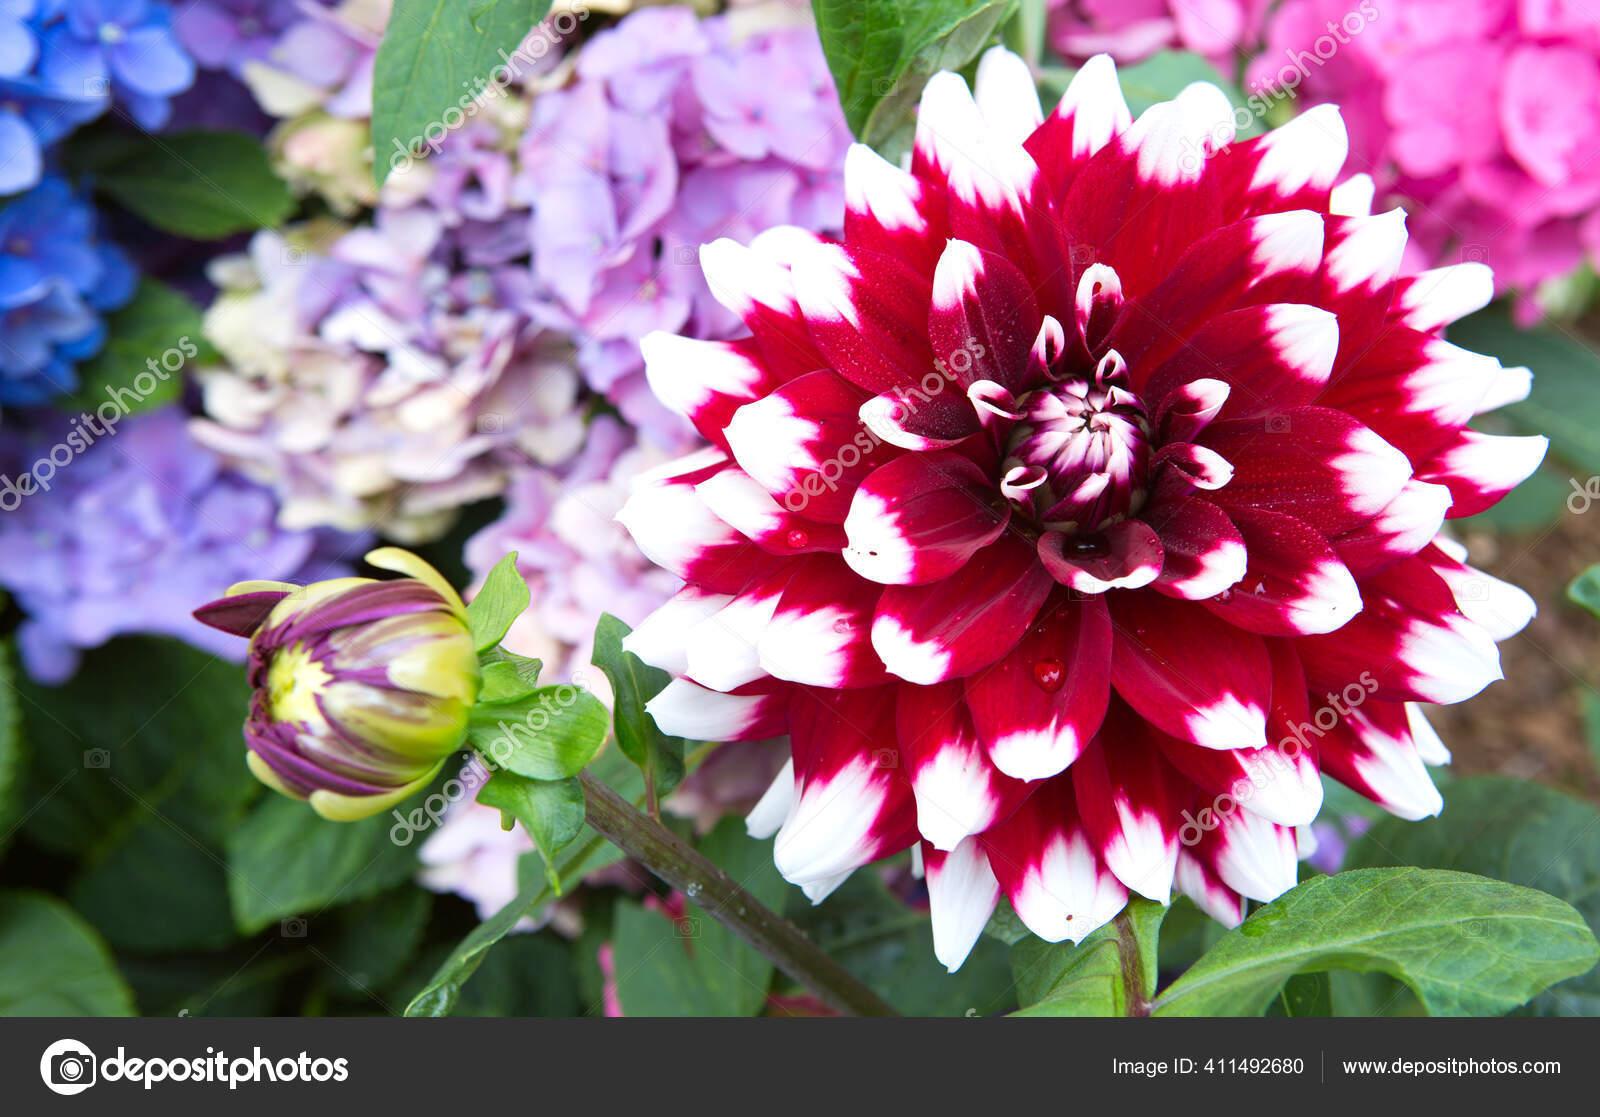 Tutup Foto Bunga Dahlia Merah Dan Putih Stok Foto C Swkunst 411492680